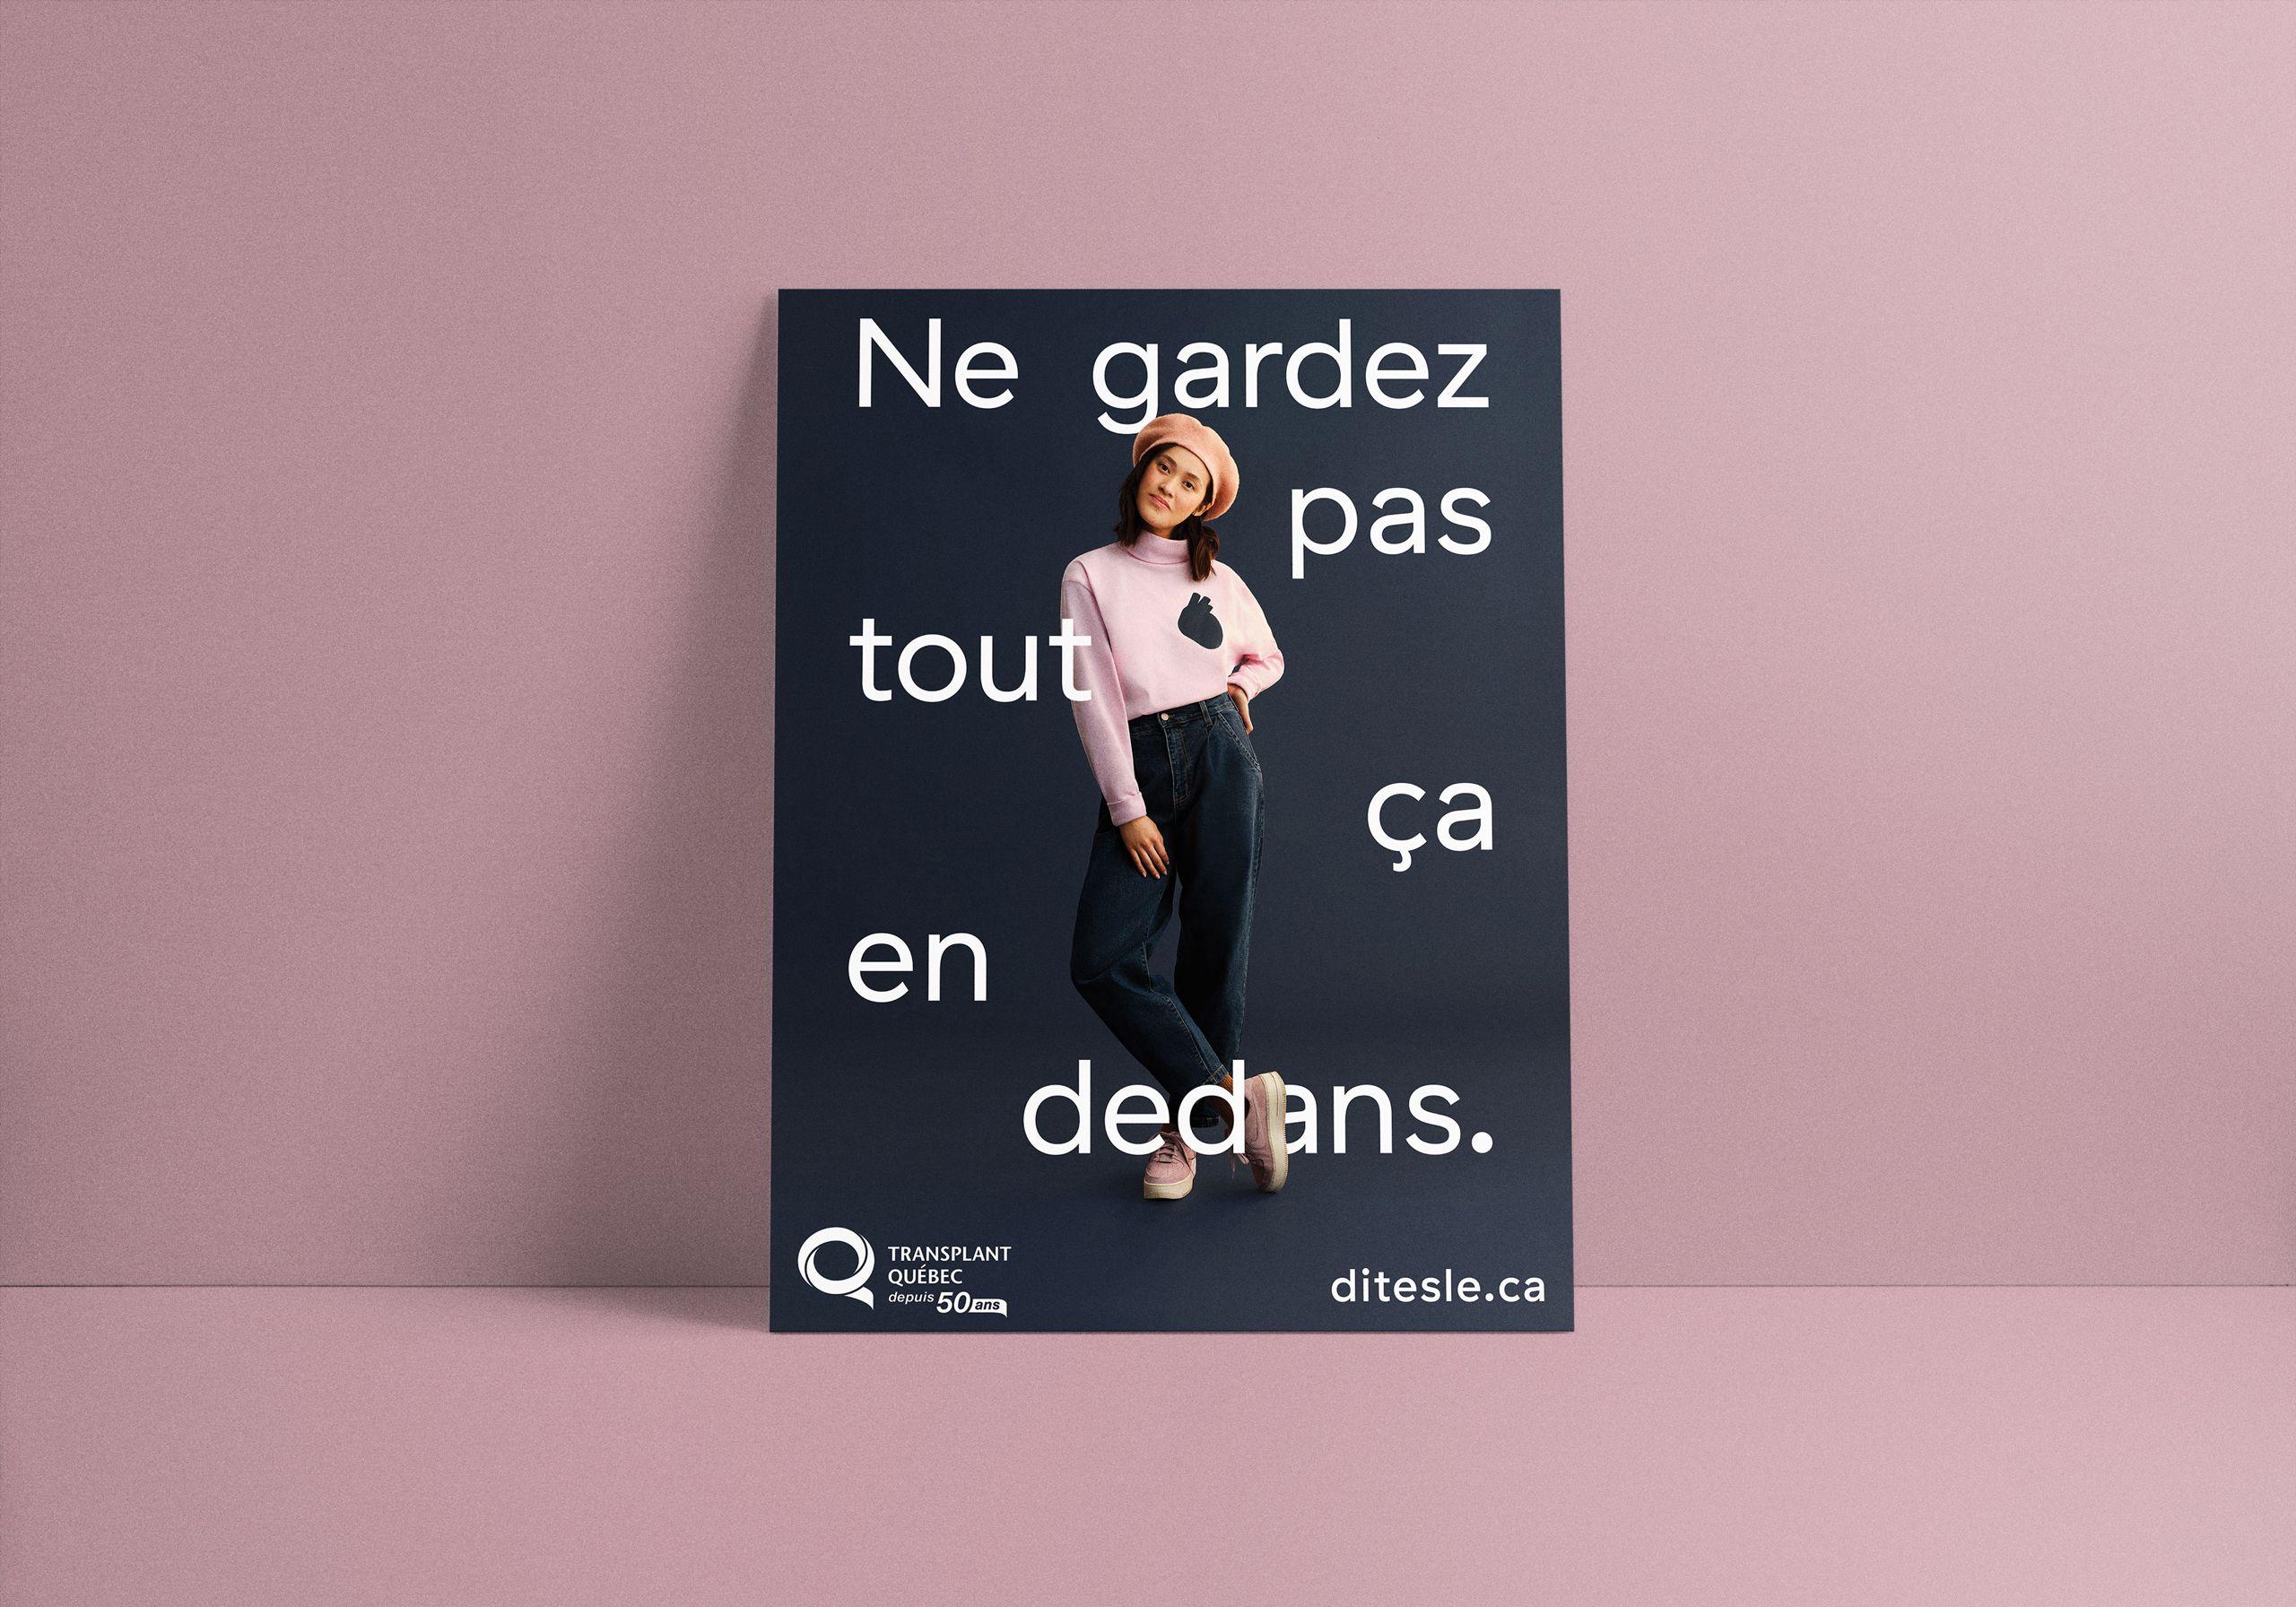 """Image d'une affiche sur un fond lilas. L'affiche représente une fille portant un col roulé rose avec un cœur imprimé dessus. Autour d'elle est écrit en français """"ne gardez pas tout ça à l'intérieur""""."""